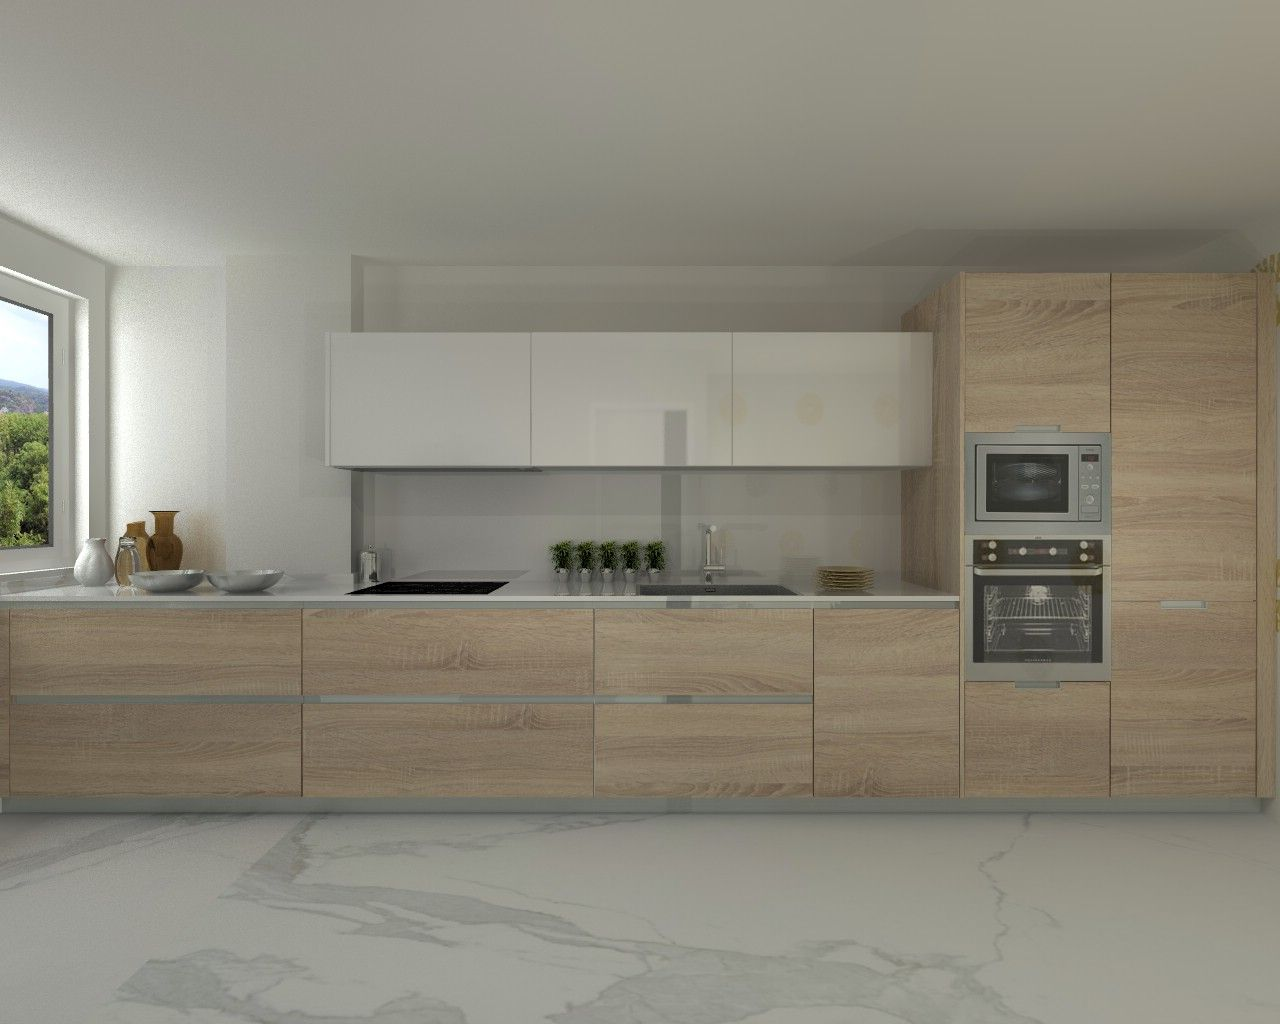 Modelo line e encimera silestone cocinas pinterest for Modelos de muebles de cocina modernos